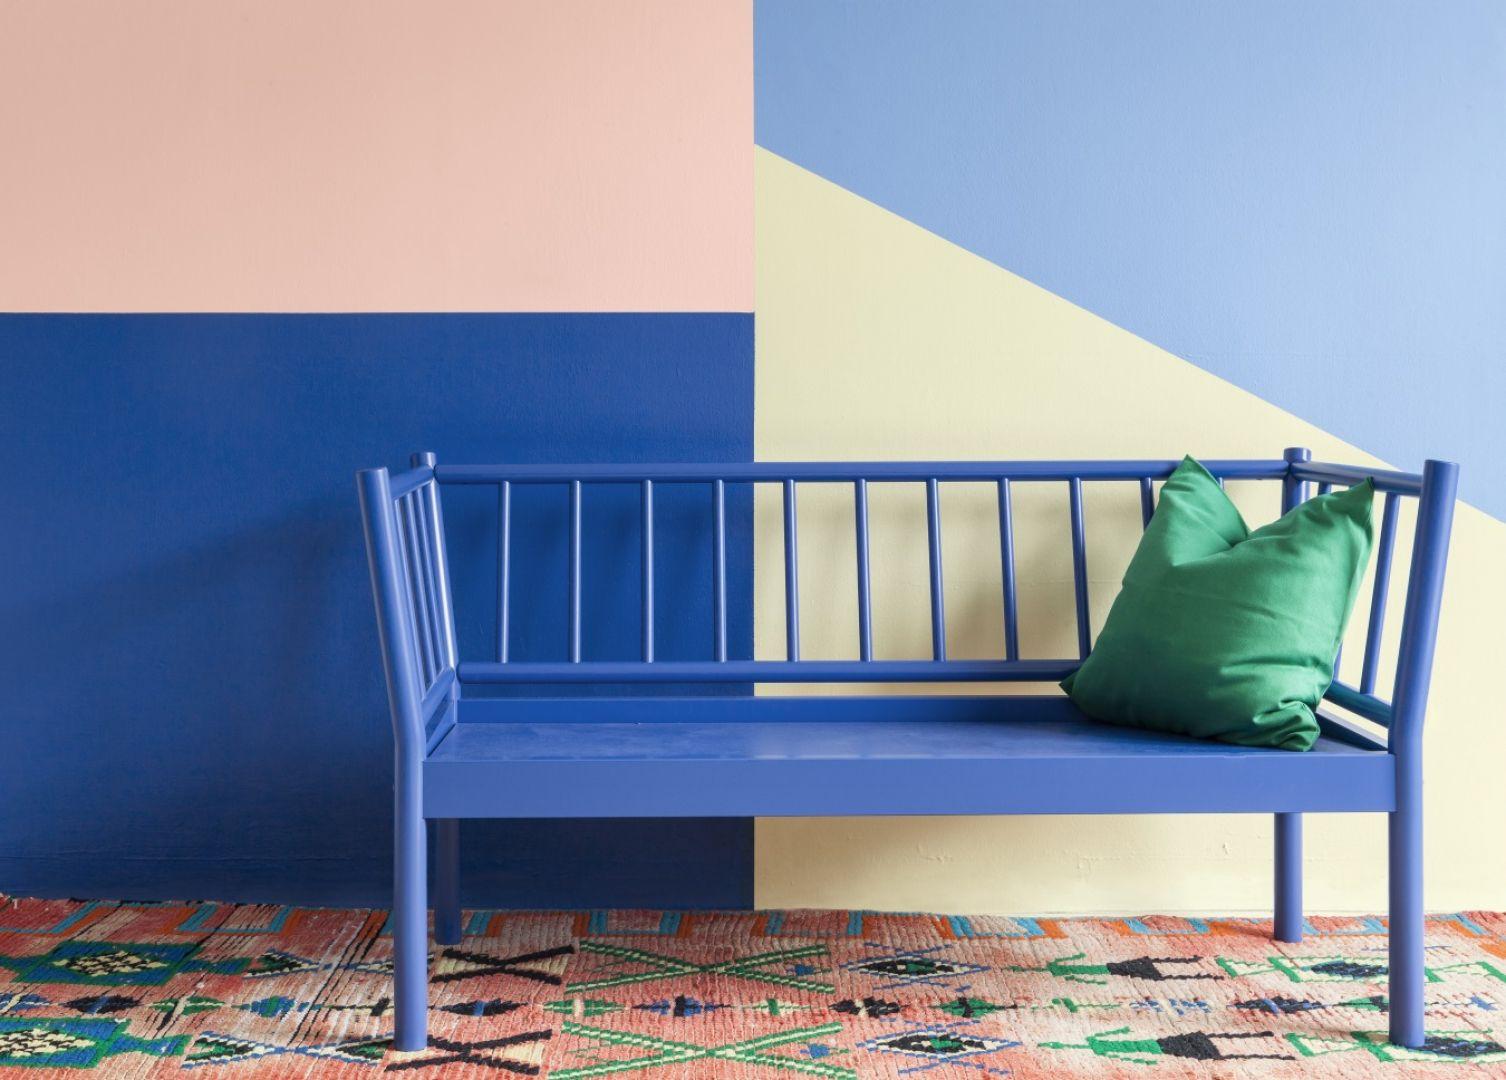 Niebieski to kolor wysoce uniwersalny i neutralny, dzięki czemu świetnie czuje się też w towarzystwie innych tonacji. Fot. Tikkurila